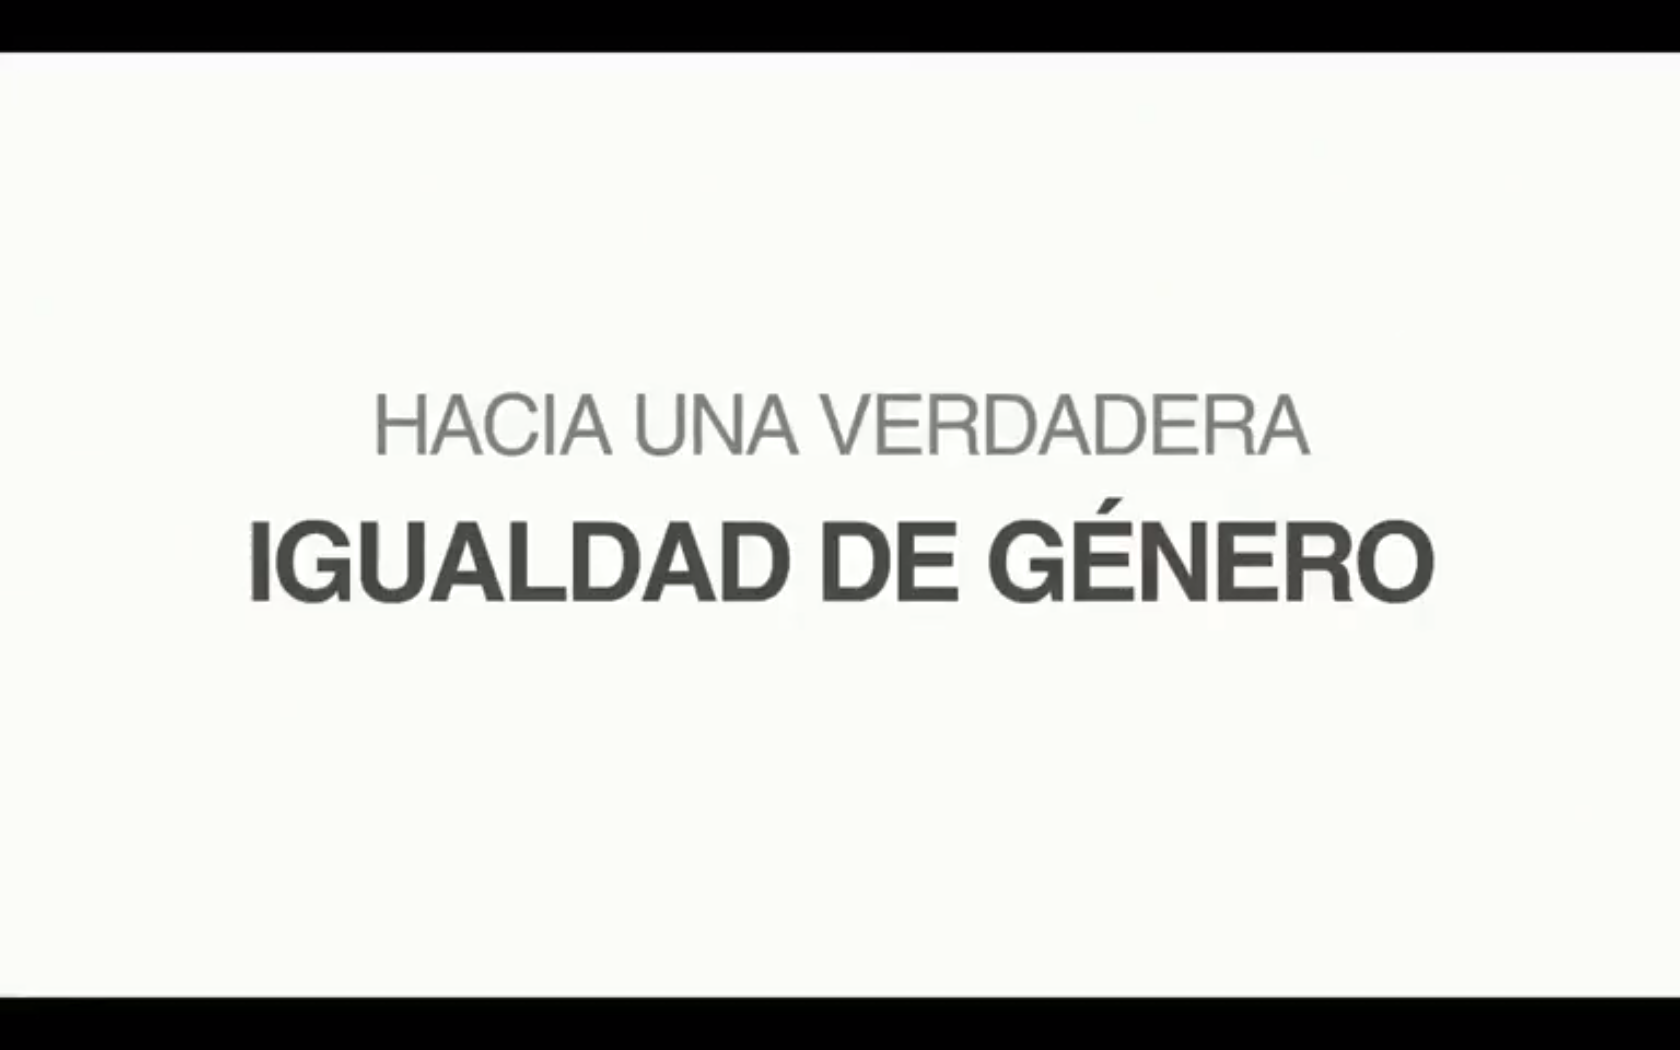 """EL """"TECHO DE CRISTAL"""" DENTRO DE LAS UNIVERSIDADES"""